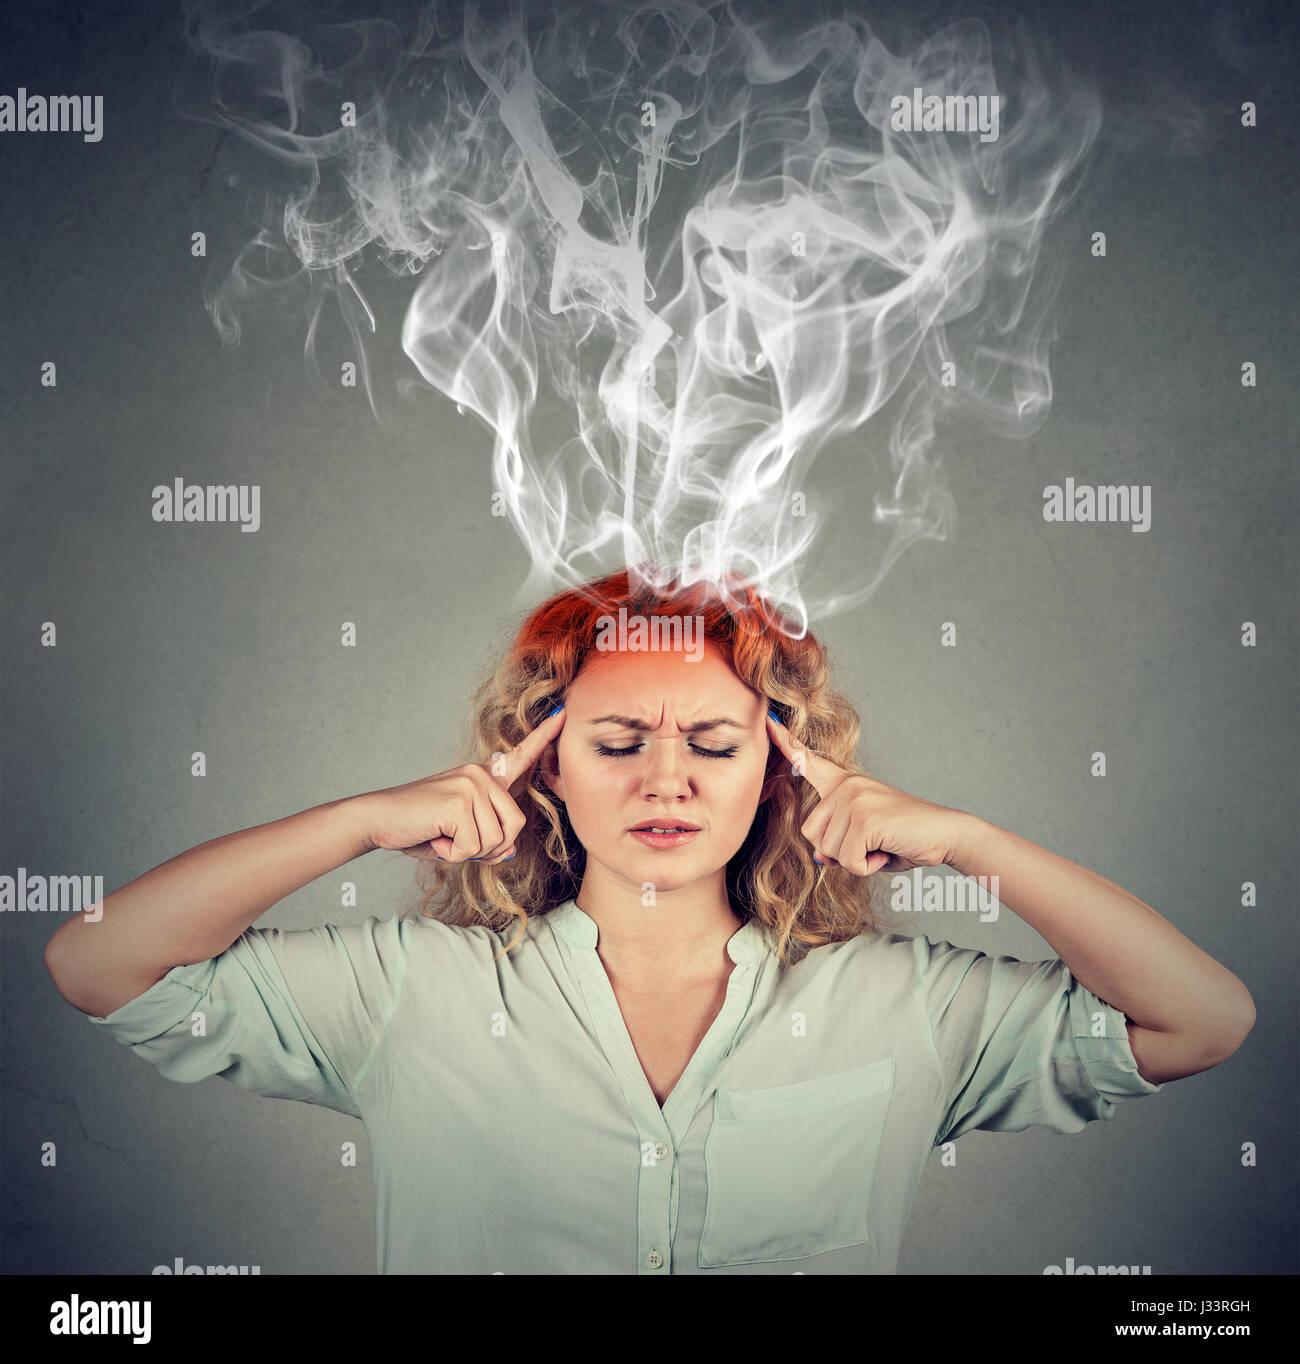 Frau denkt sehr intensiv mit Kopfschmerzen auf graue Wand Hintergrund isoliert Stockbild